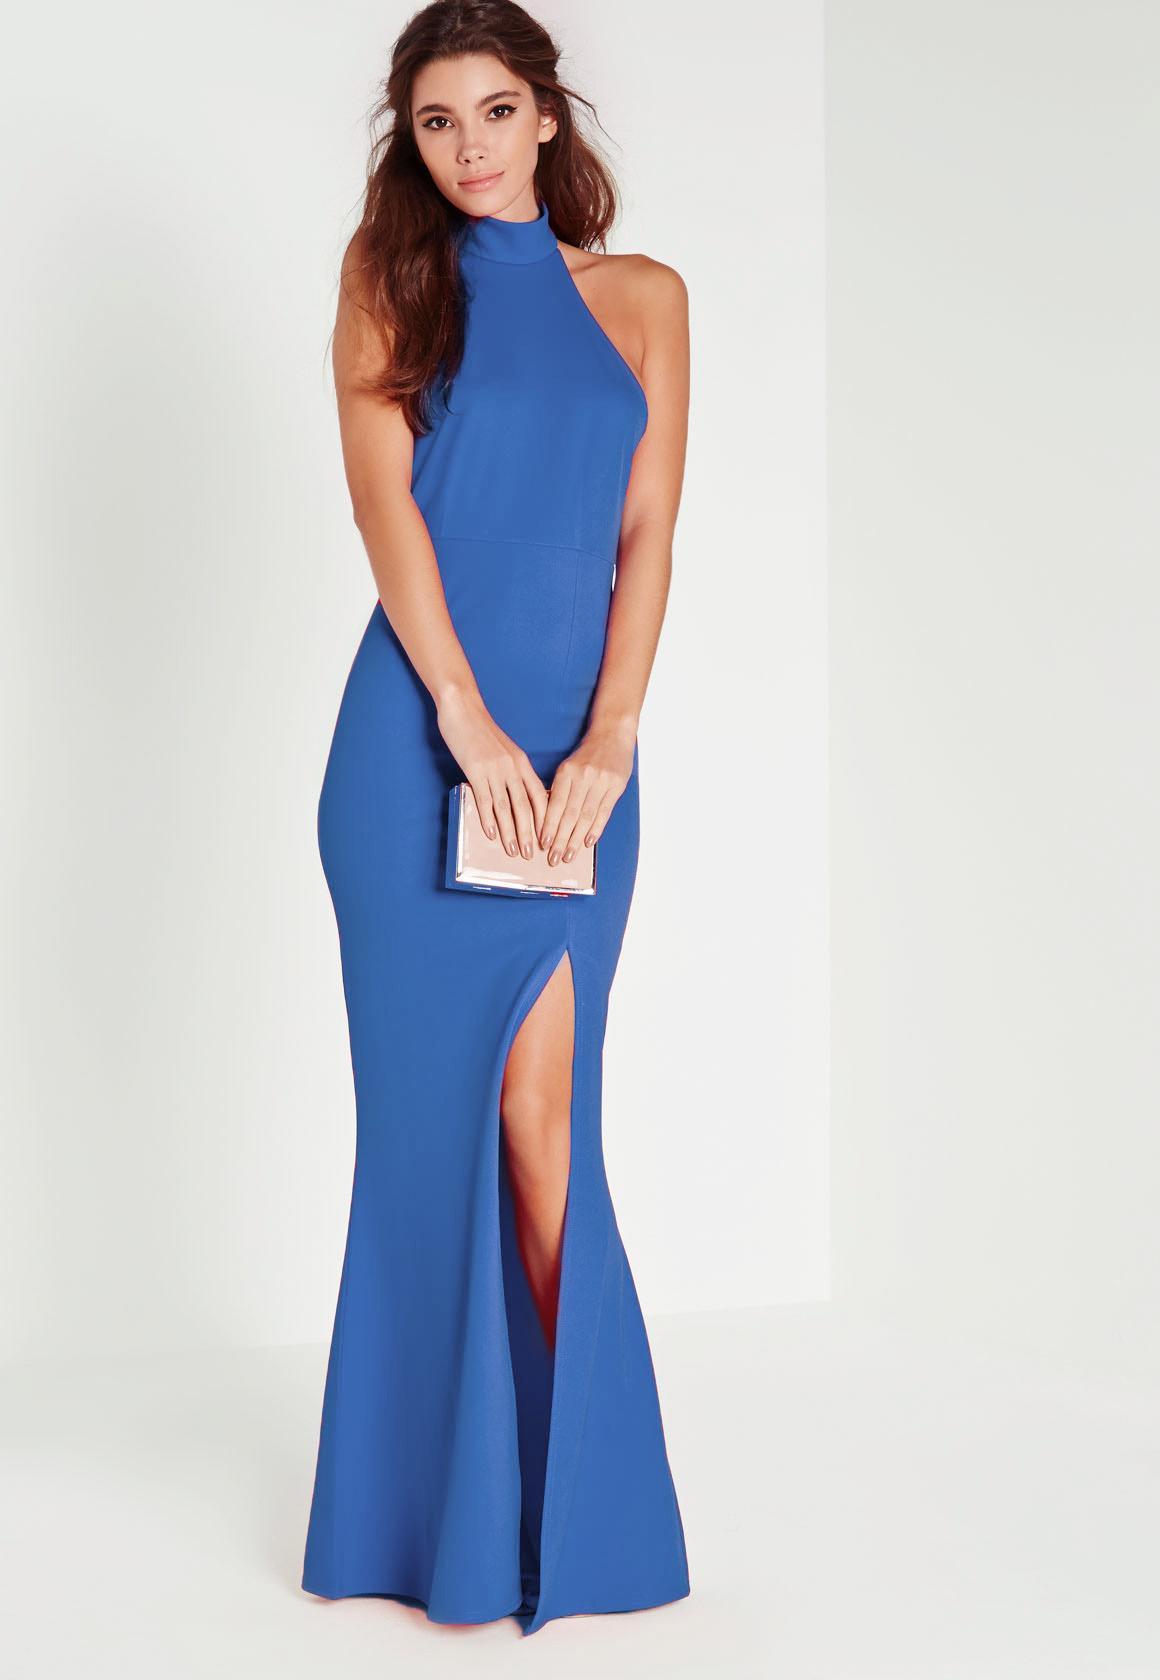 Halterneck Dresses   Shop Halter Top Dresses - Missguided